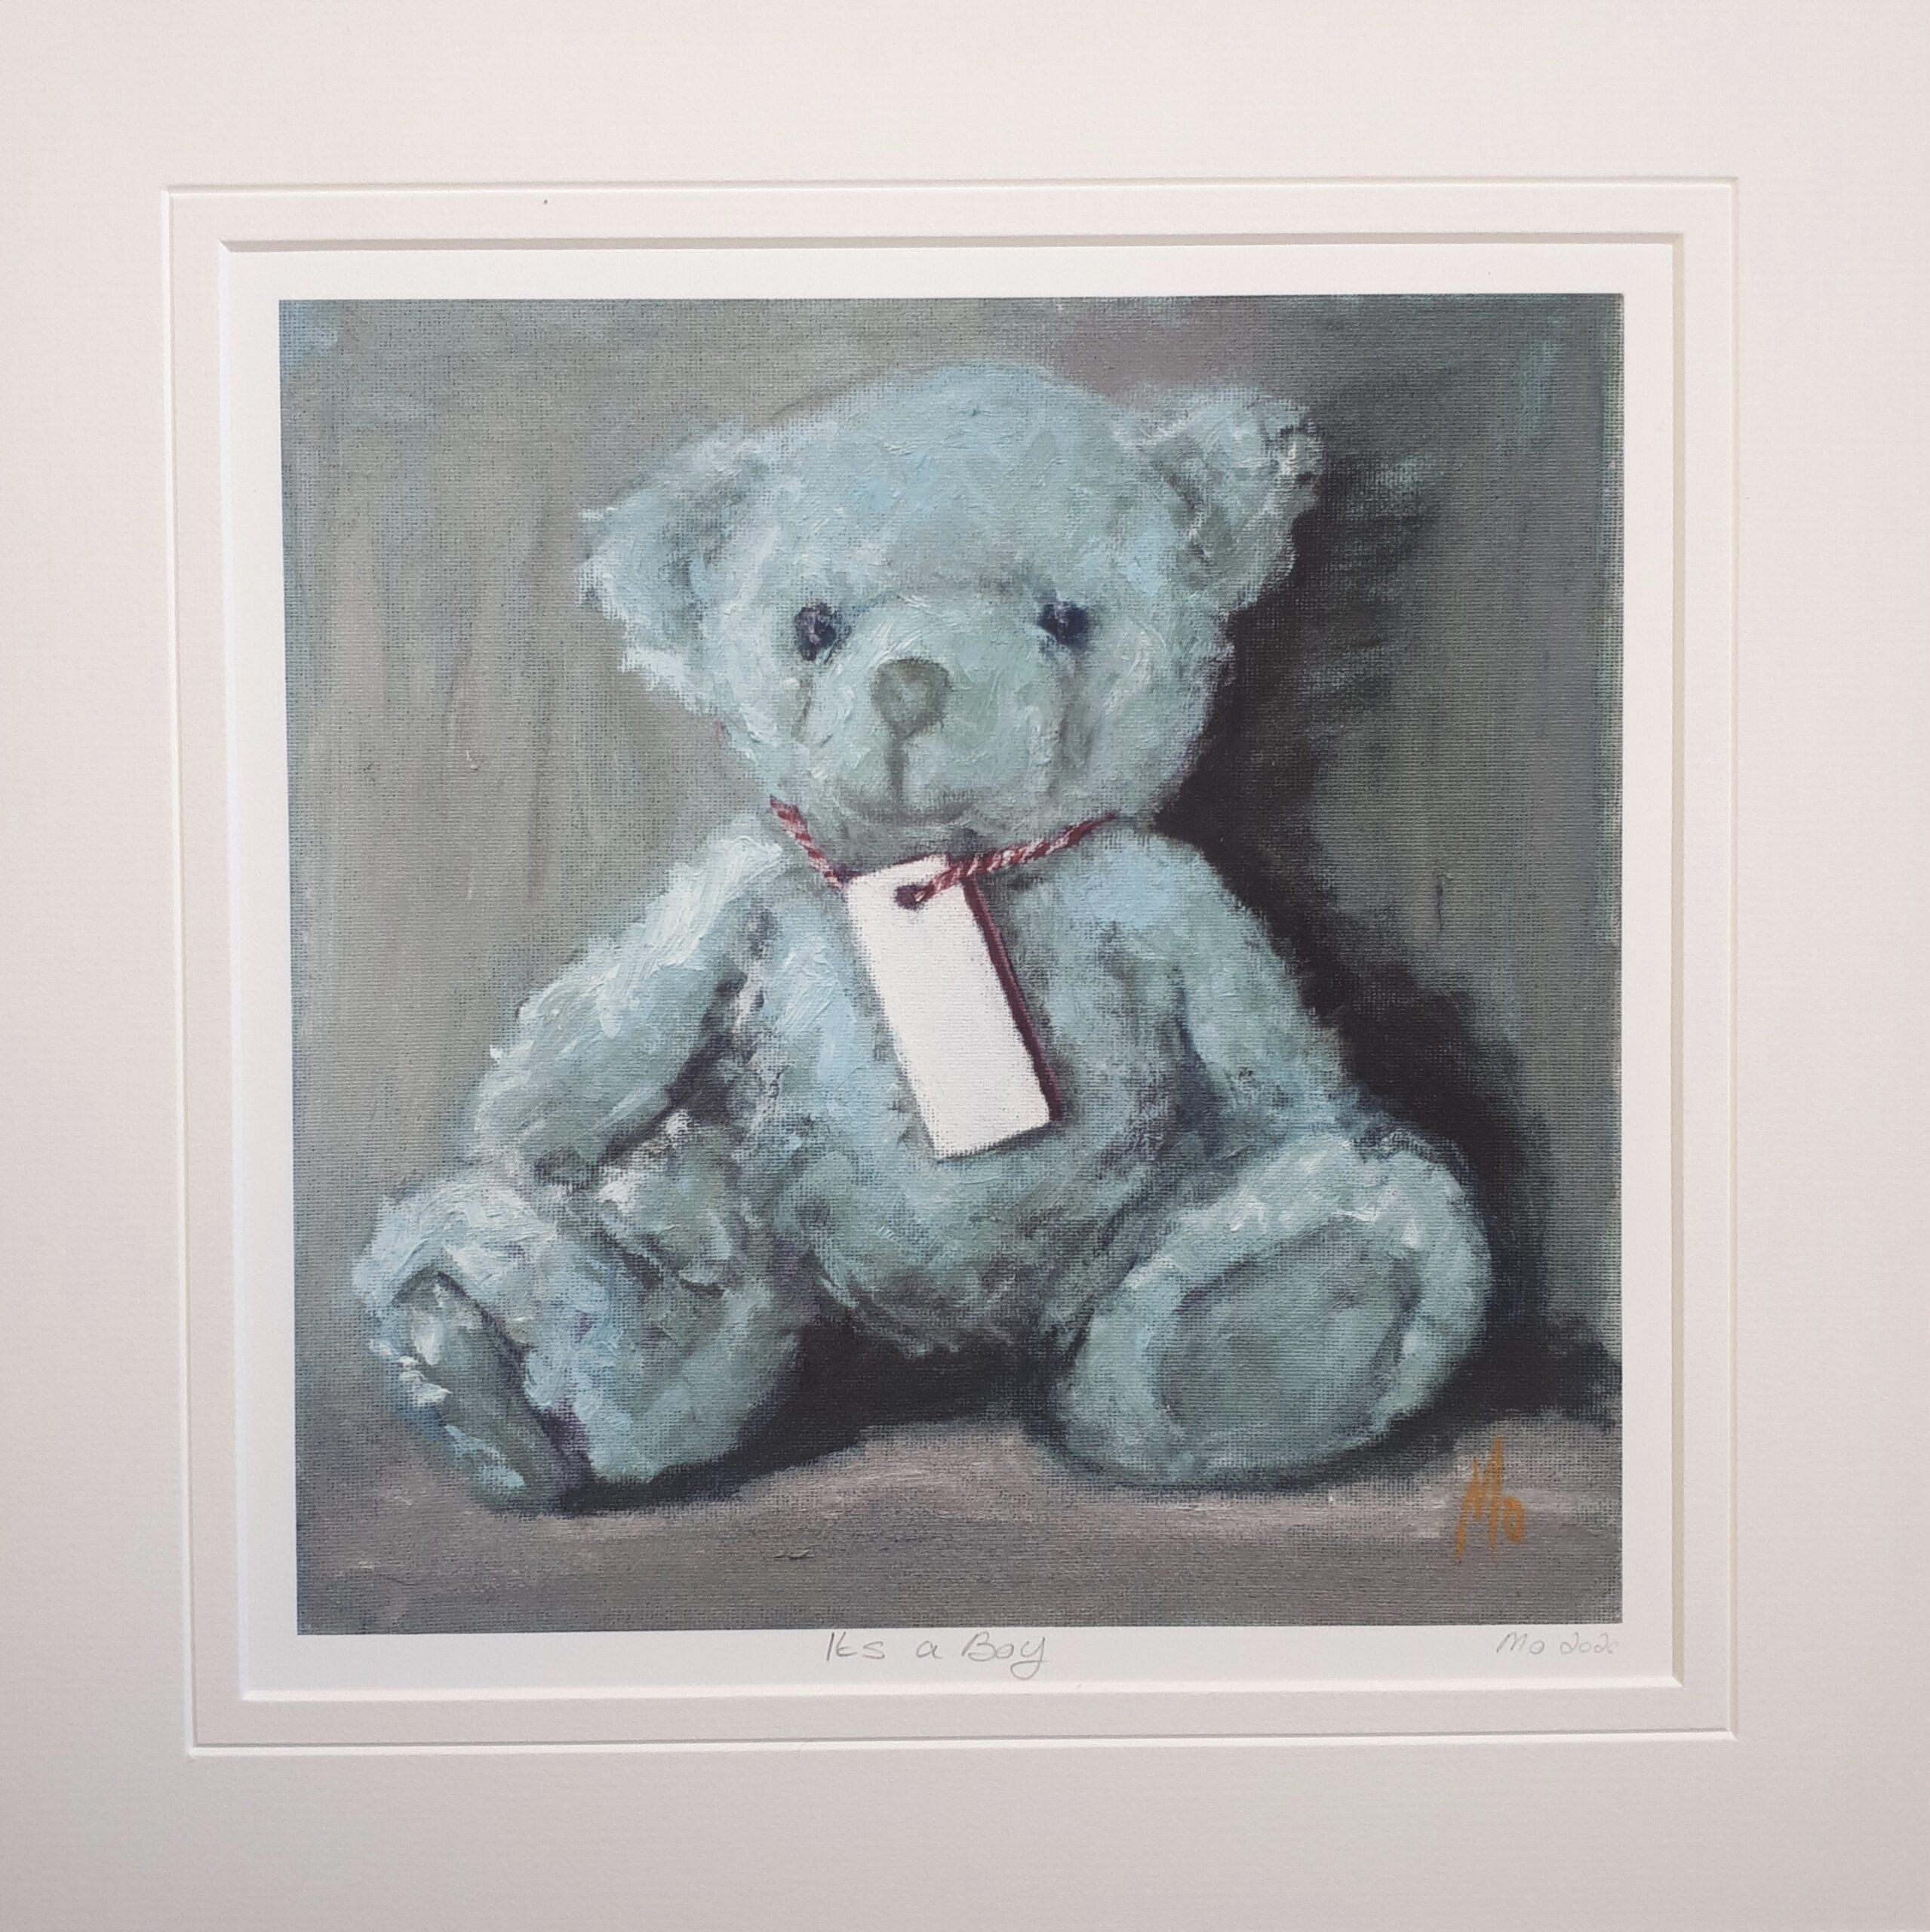 Little blue Teddybear with a blank name tag